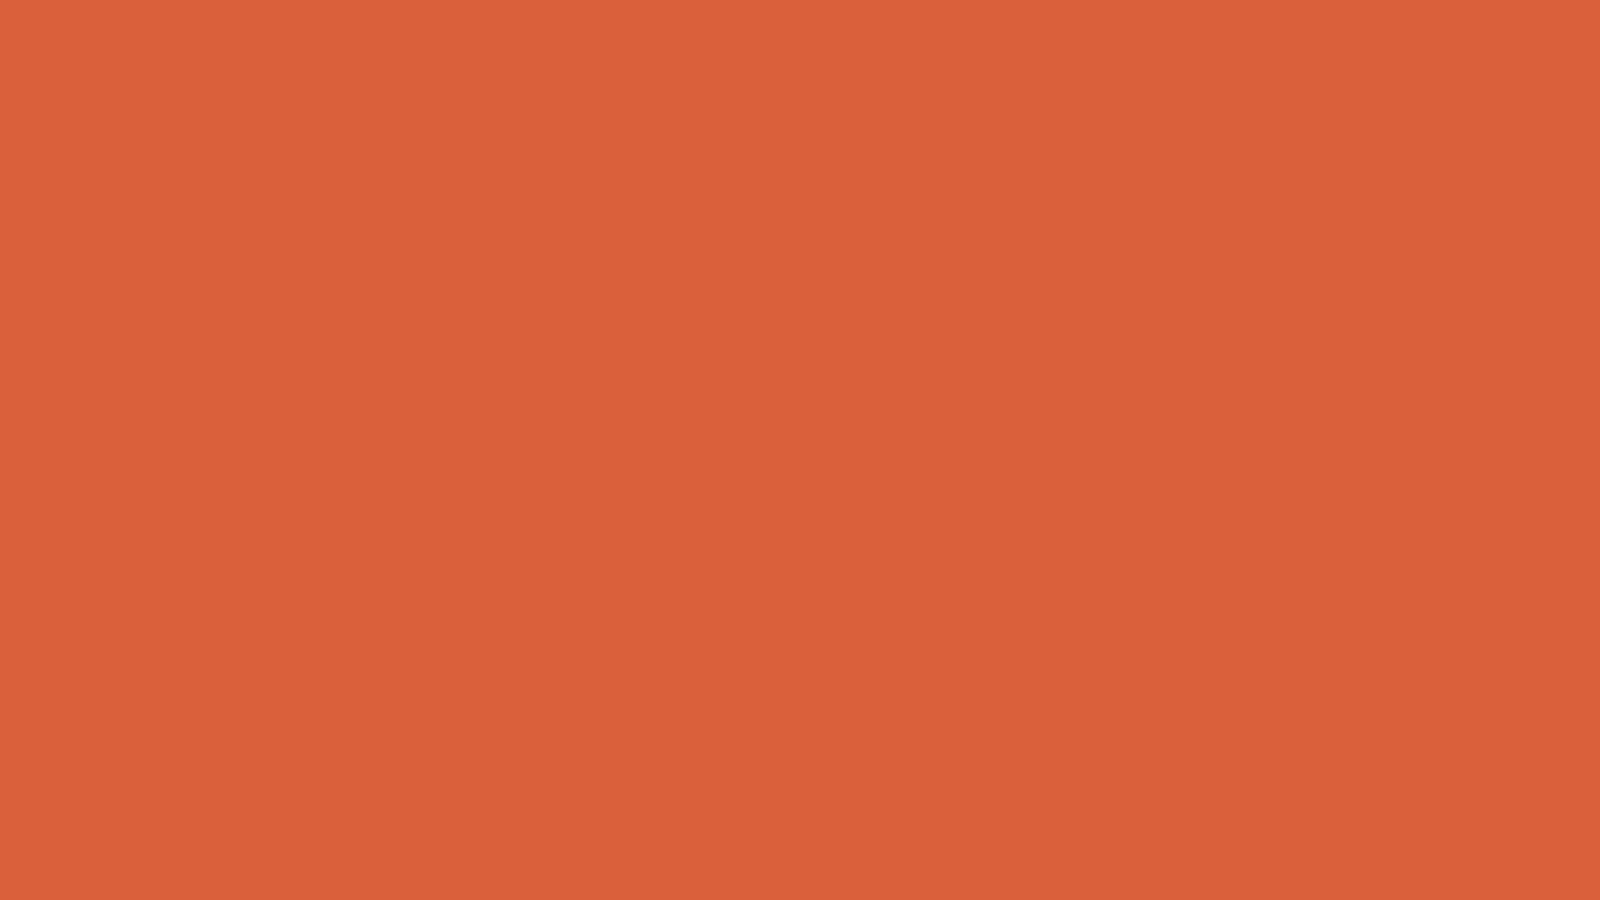 1600x900 Vermilion Plochere Solid Color Background